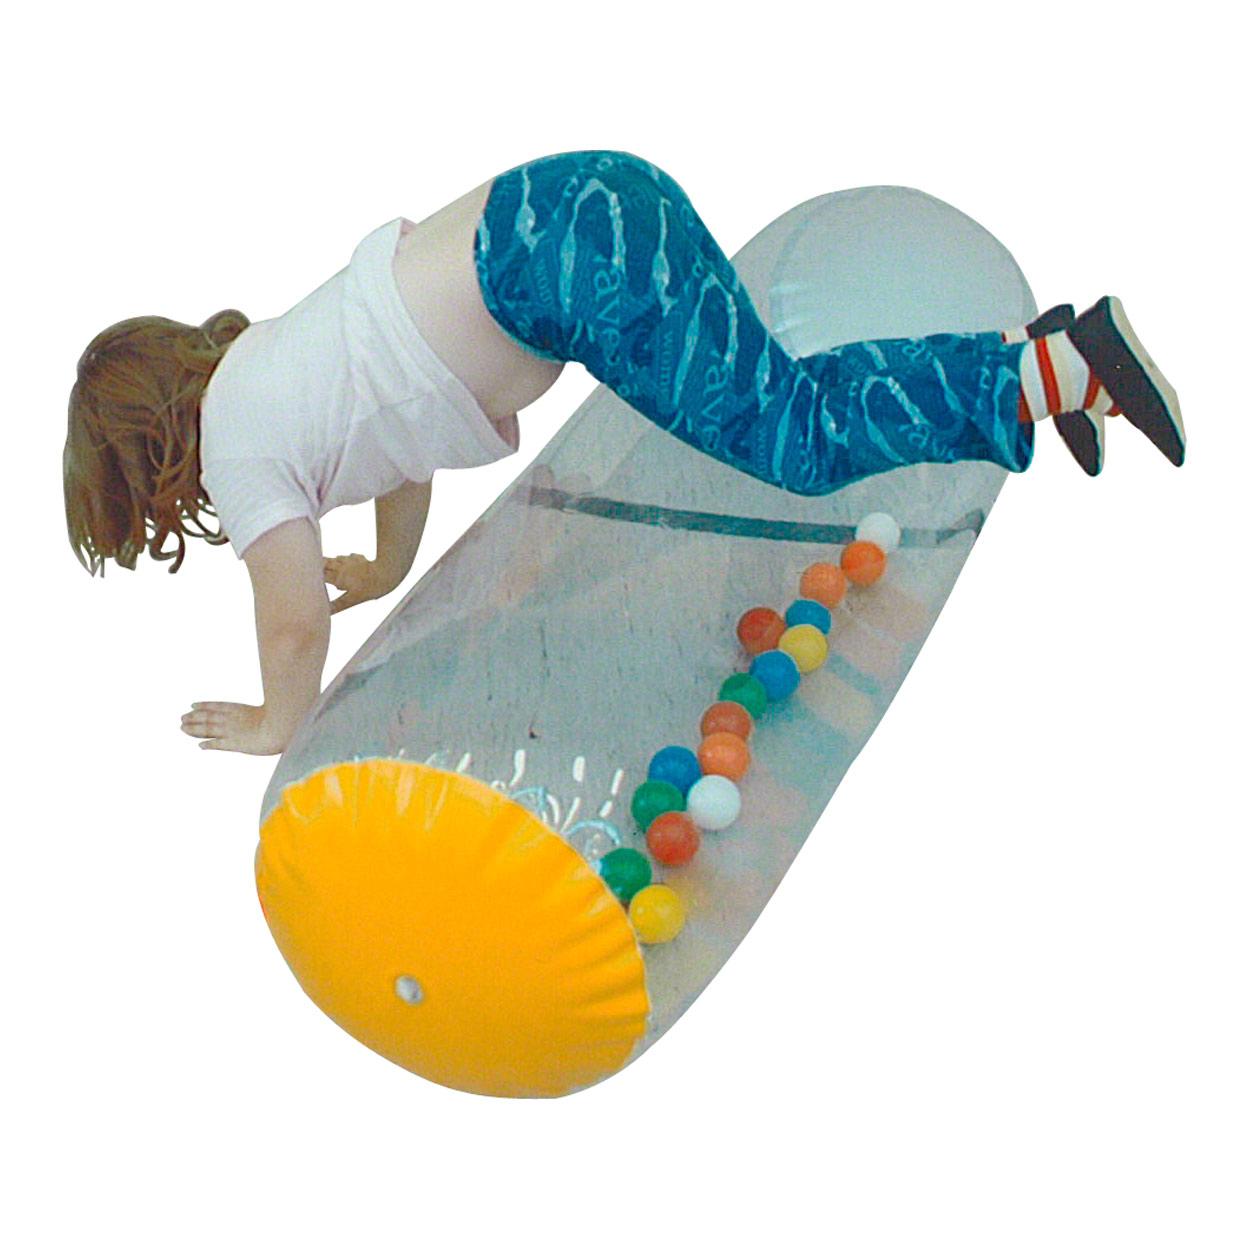 Therapierolle aufblasbare Spiel Rolle Spielzeug gefüllt mit Bällen Spielzeug für draußen